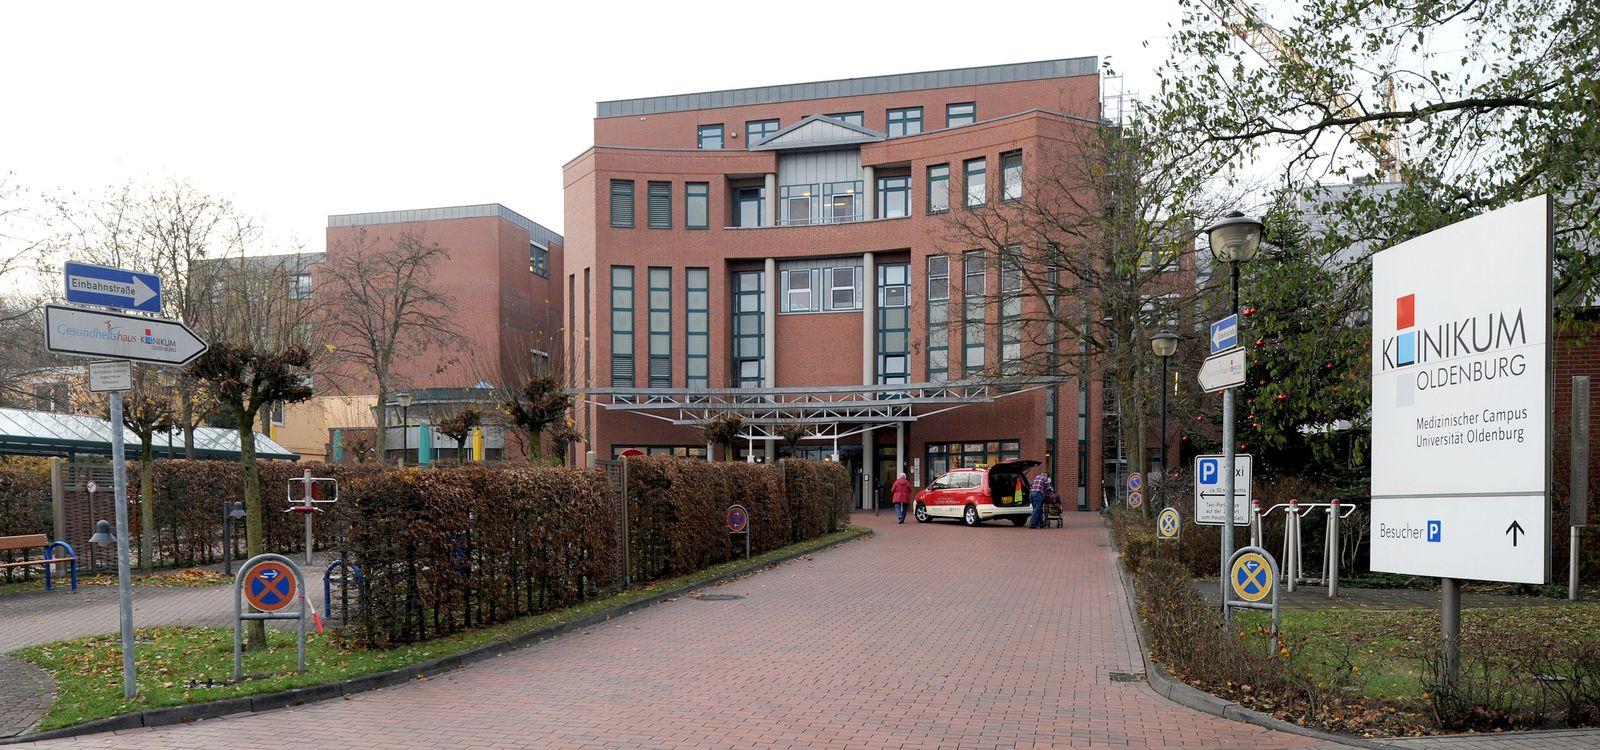 Mordprozess gegen Krankenpfleger Klinikum Oldenburg